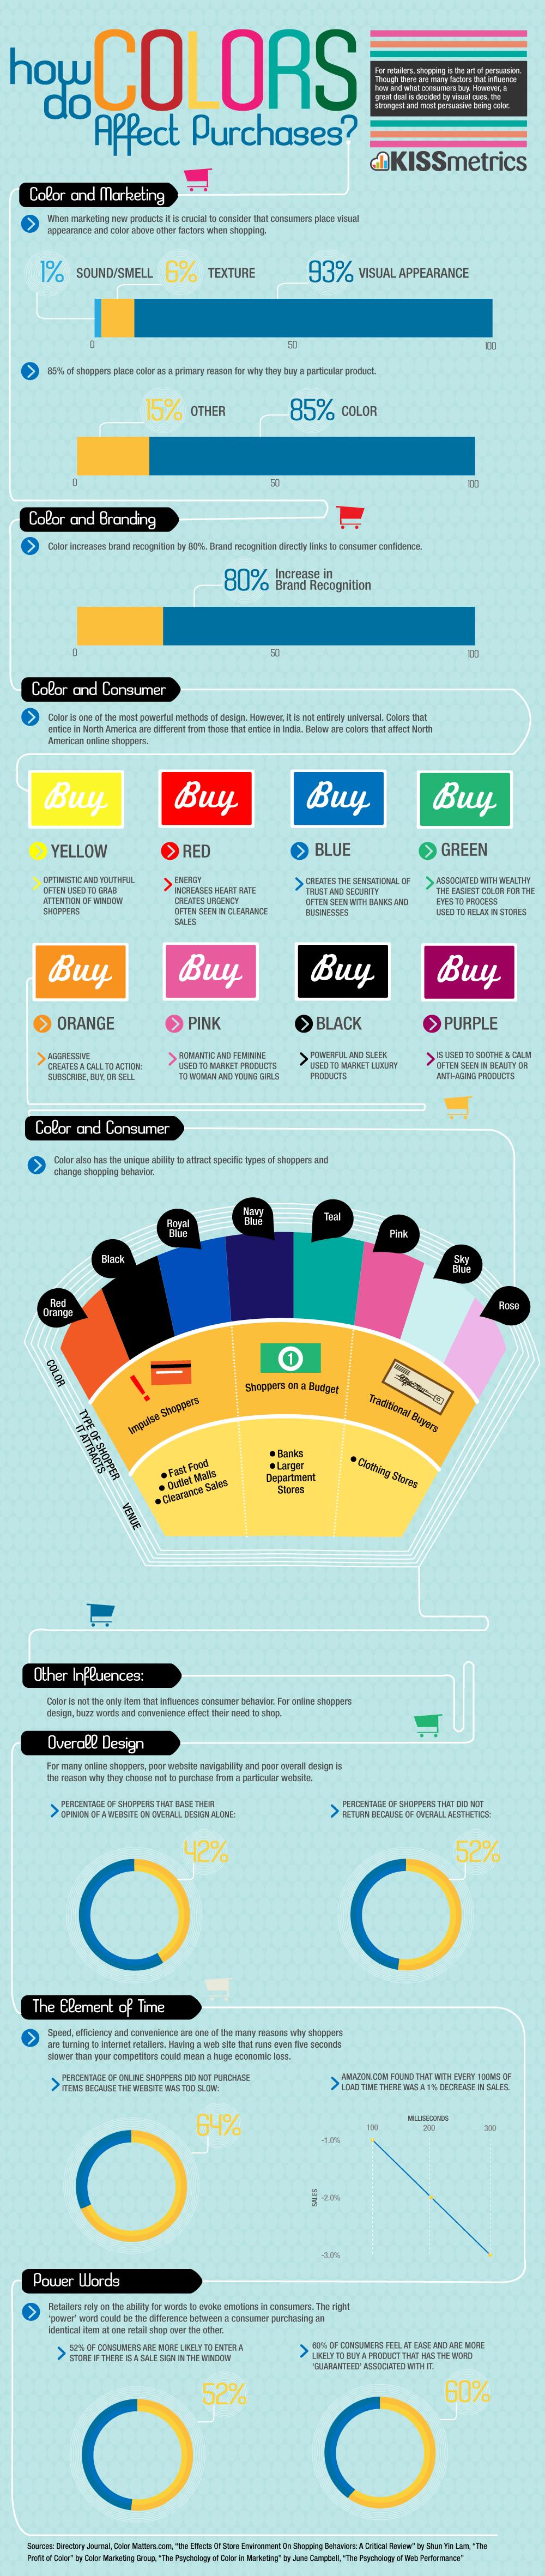 Come i colori influenzano gli acquisti